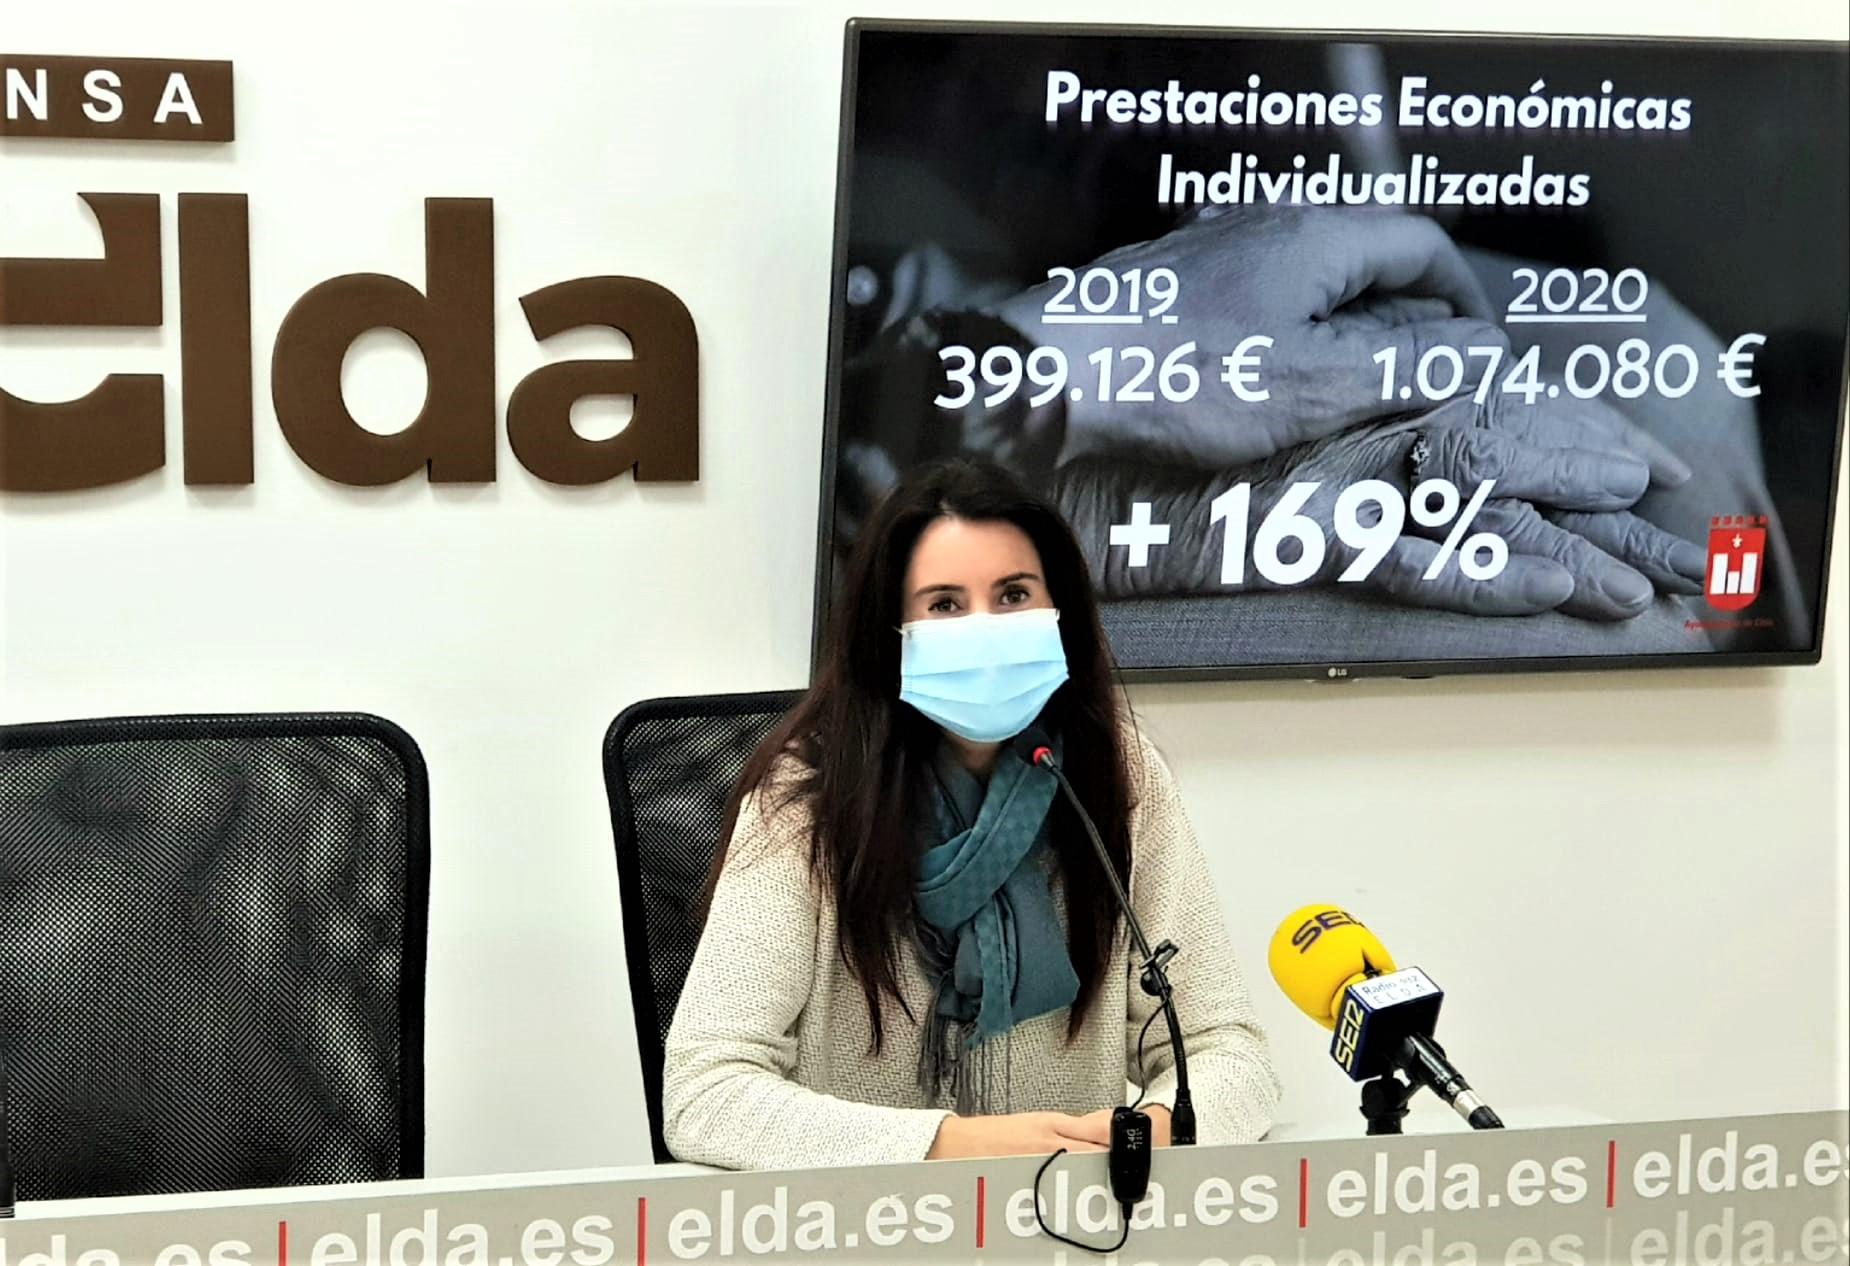 El Ayuntamiento de Elda aumenta un 169% el importe de las ayudas sociales concedidas a familias eldenses afectadas por la pandemia